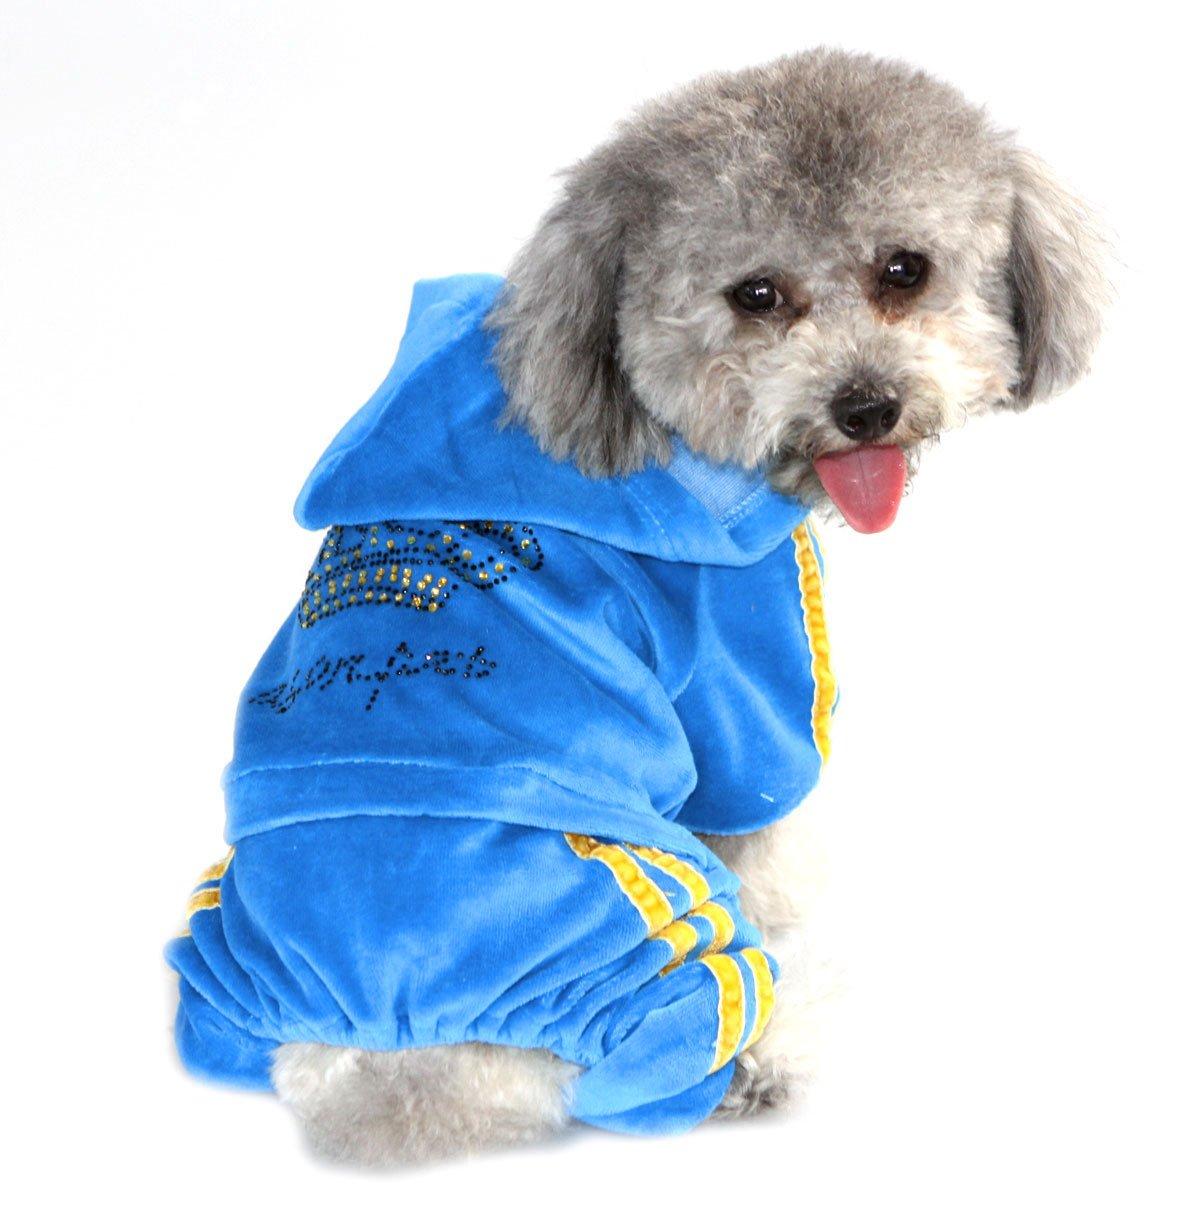 SELMAI Pegasus Pet Ropa para Cachorro Perro Pequeño Gato Crown en Terciopelo Suave Perchero de Pared de Jumpsuit hooide Pijama Chándal Azul M